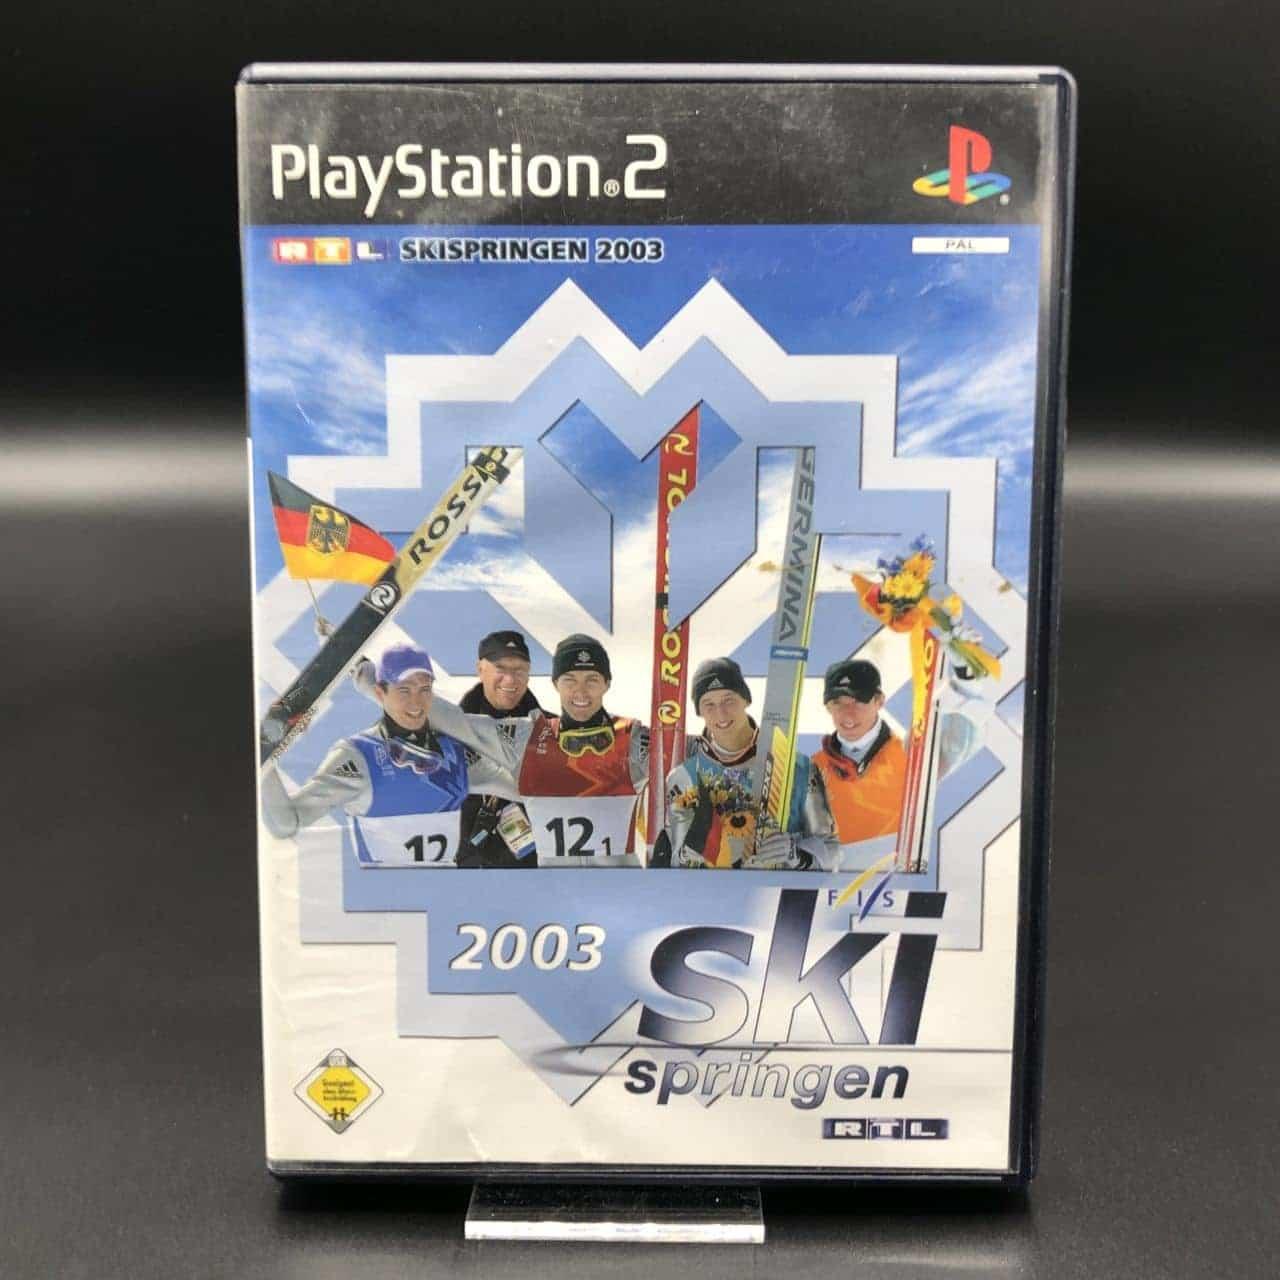 PS2 RTL Skispringen 2003 (Komplett) (Gebrauchsspuren) Sony PlayStation 2